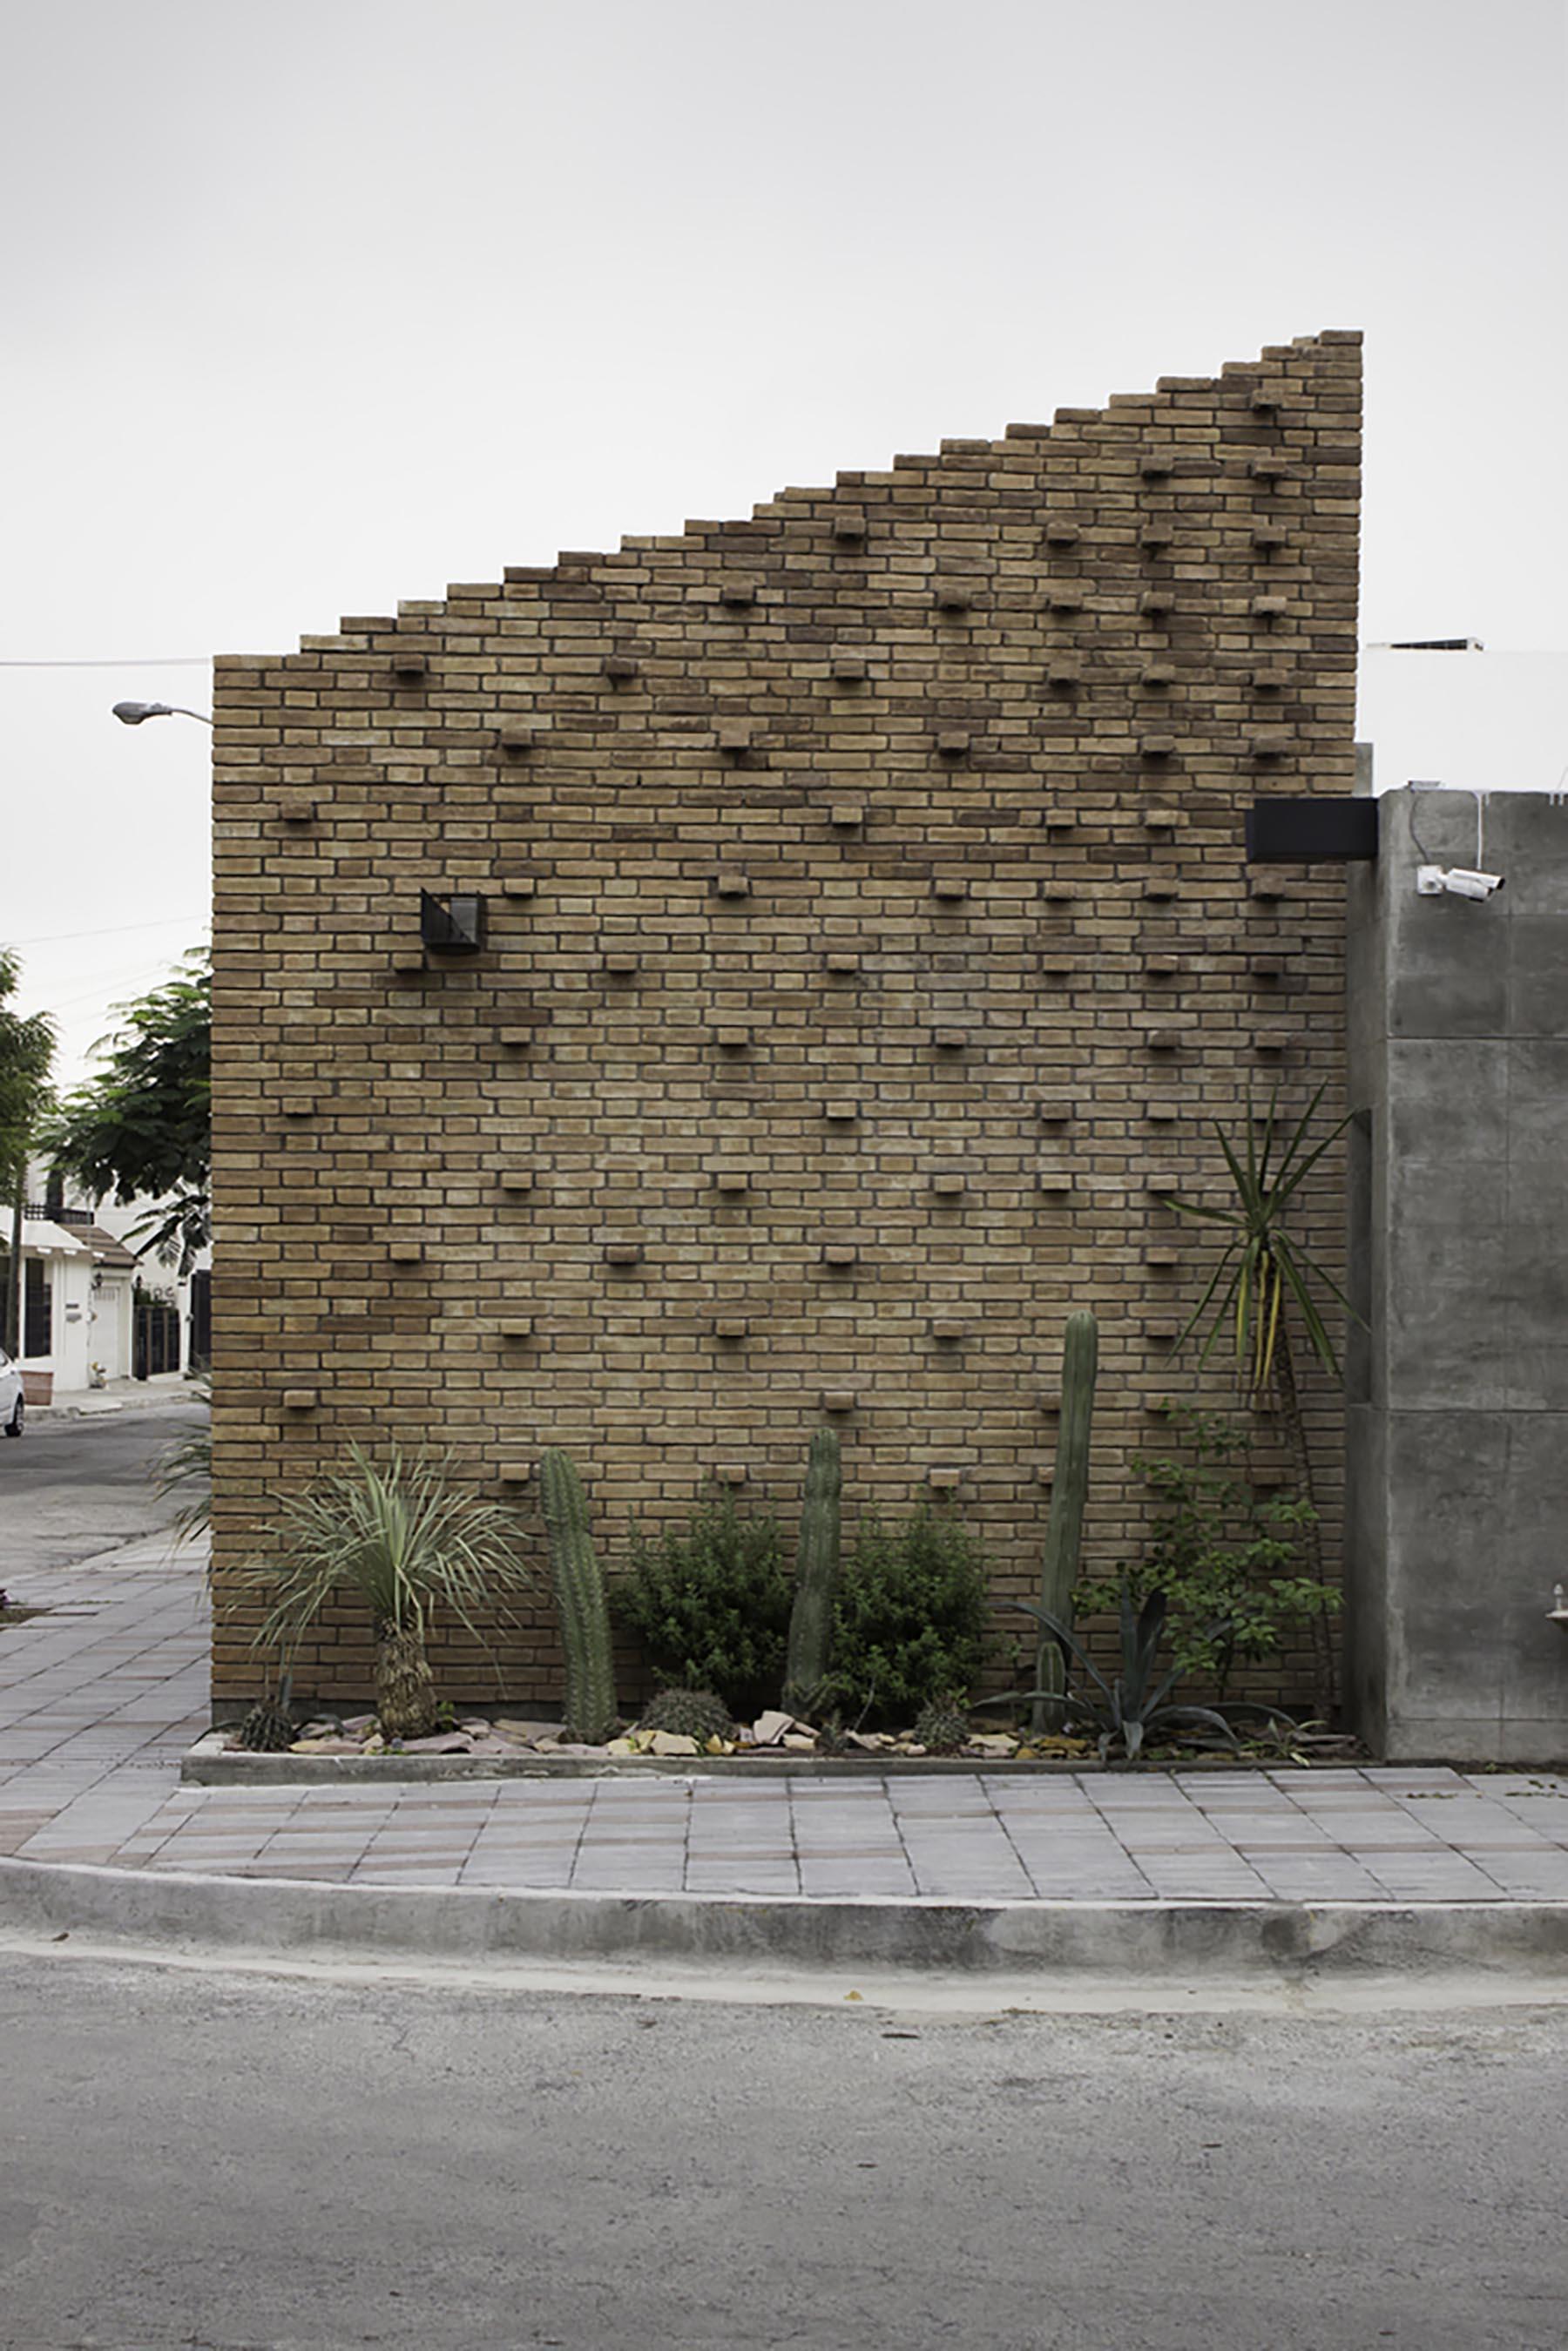 iGNANT-Architecture-Ariel-Valenzuela-And-Diego-Ledesma -Casa-Papagayo-11b